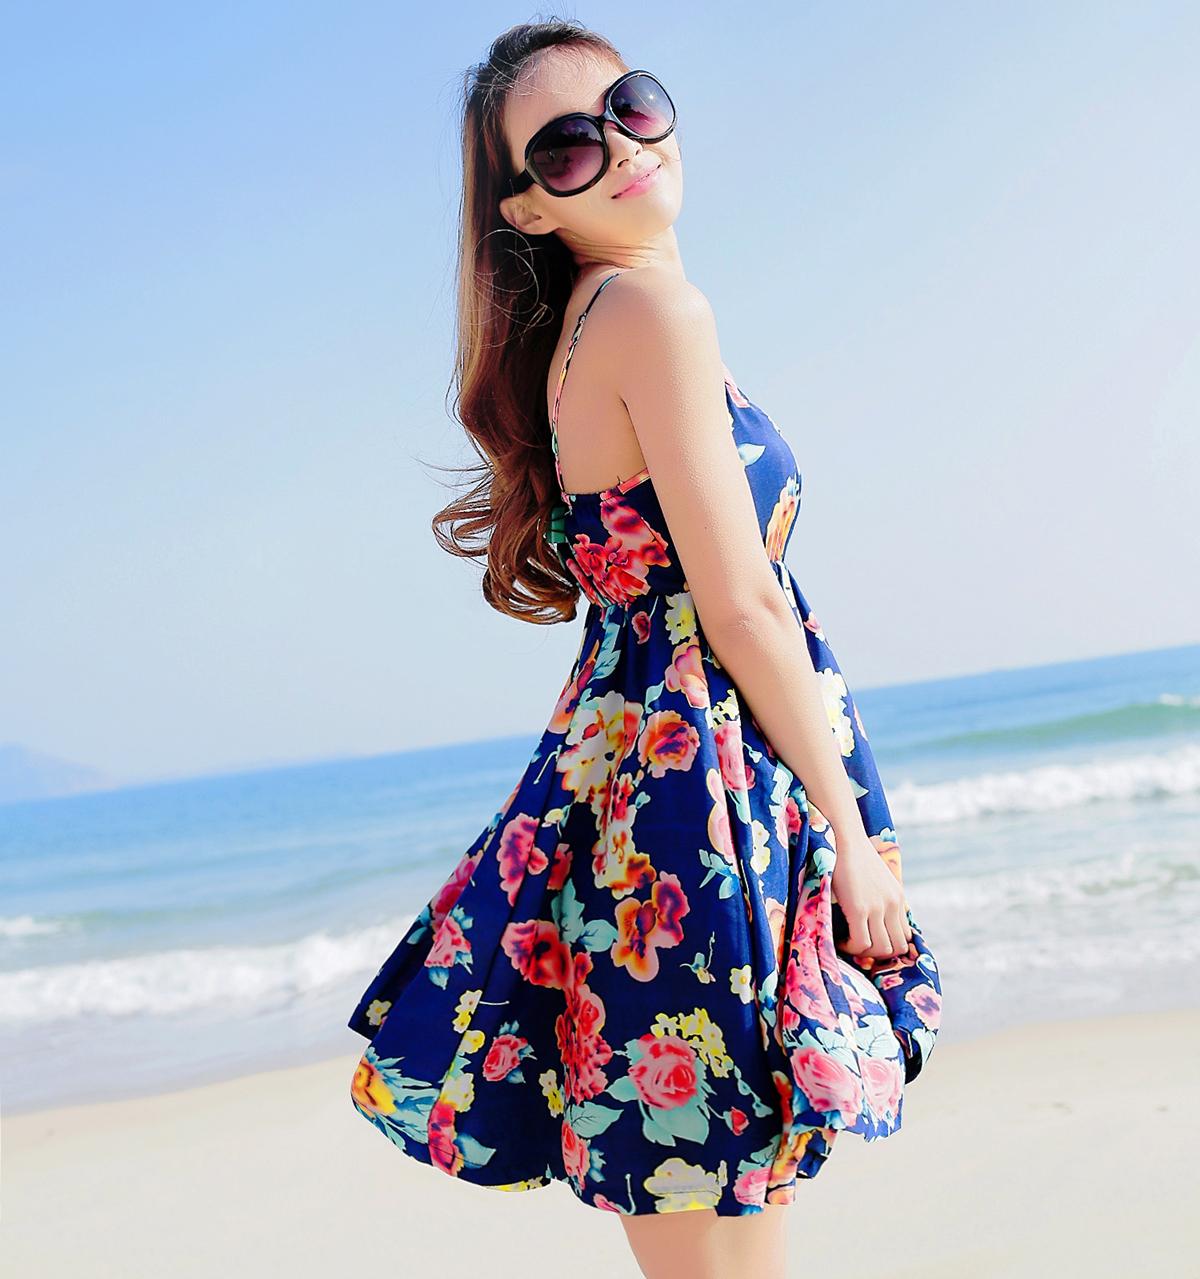 雪纺吊带连衣裙 2021夏波西米亚一字领吊带裙雪纺连衣裙女沙滩裙海边度假显瘦短裙_推荐淘宝好看的雪纺吊带连衣裙